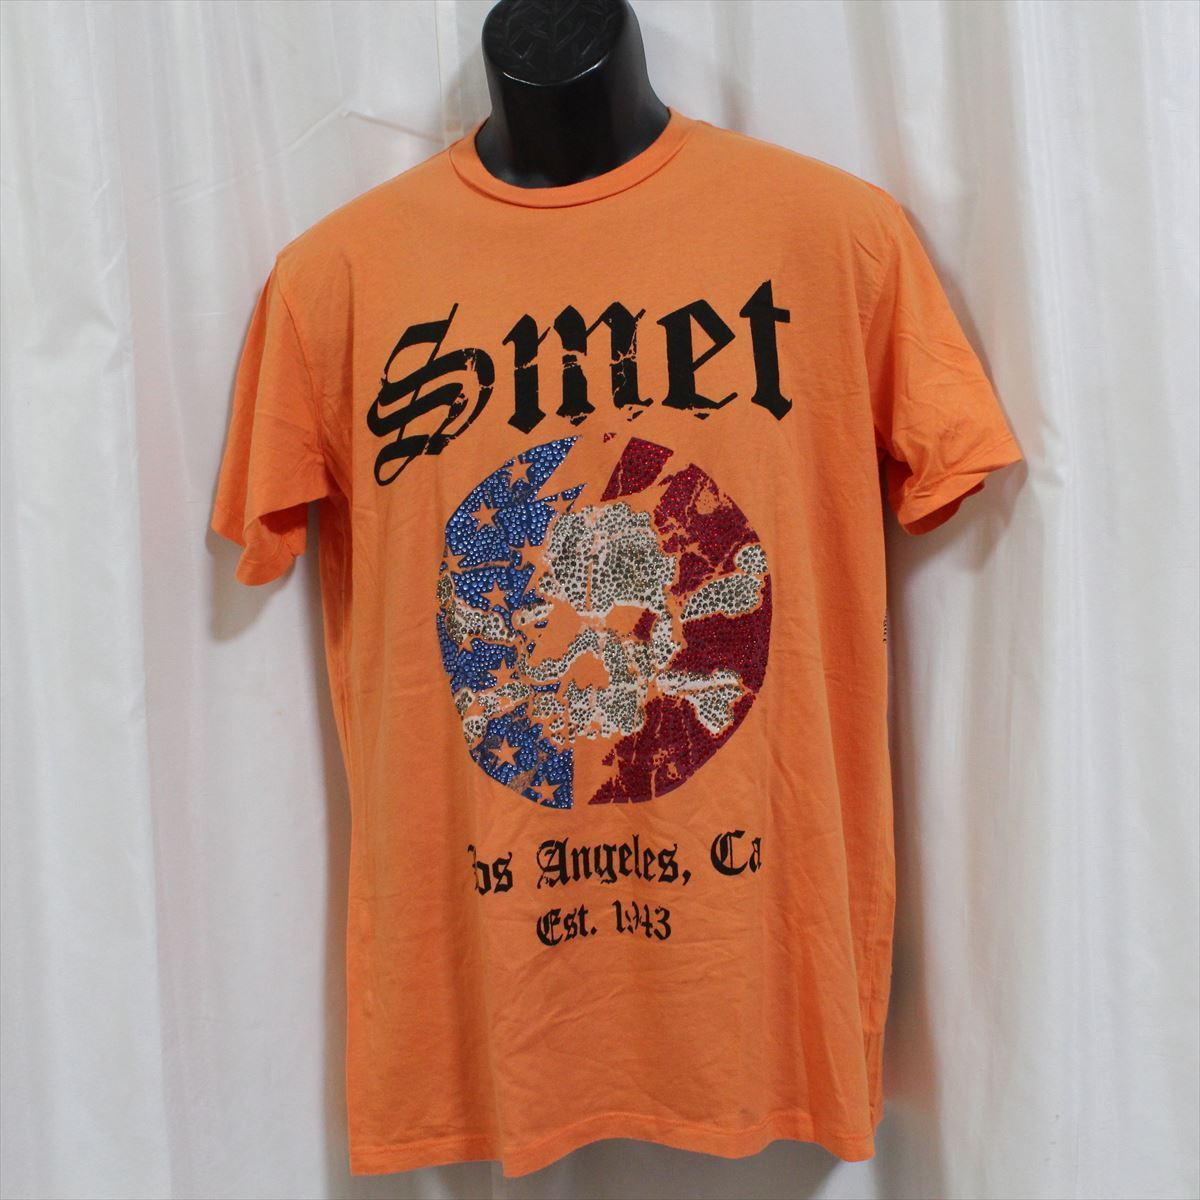 スメット SMET メンズ半袖Tシャツ オレンジ Sサイズ NO3 新品_画像1